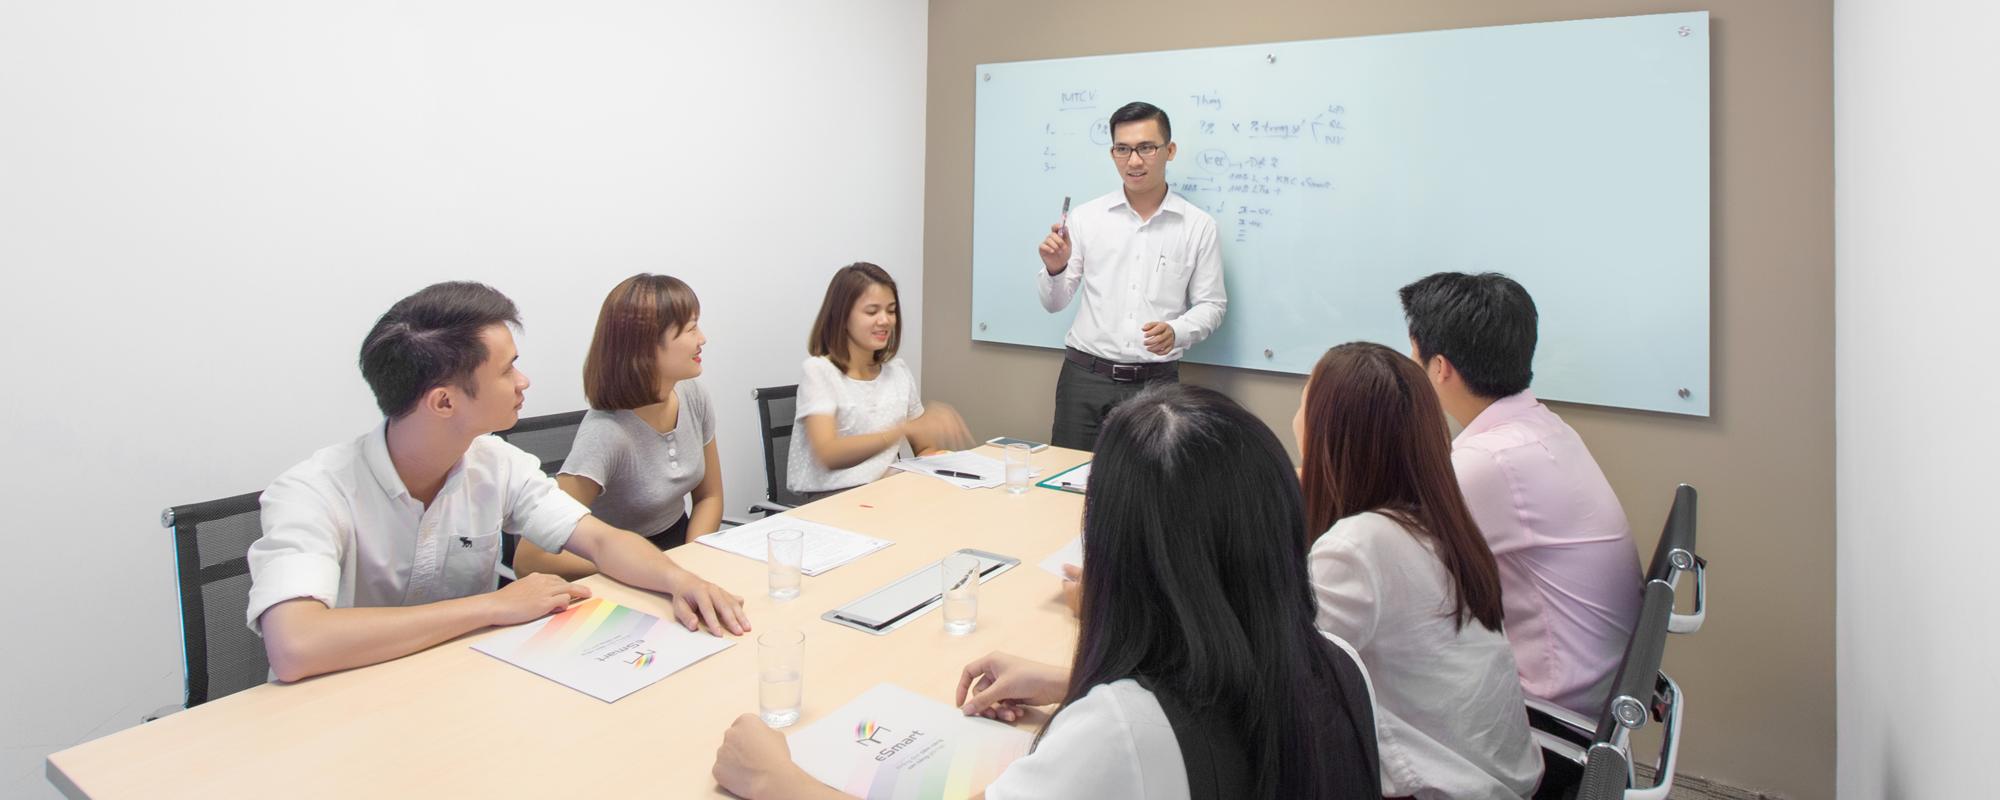 Địa Điểm Kinh Doanh HCM – Văn Phòng eSmart